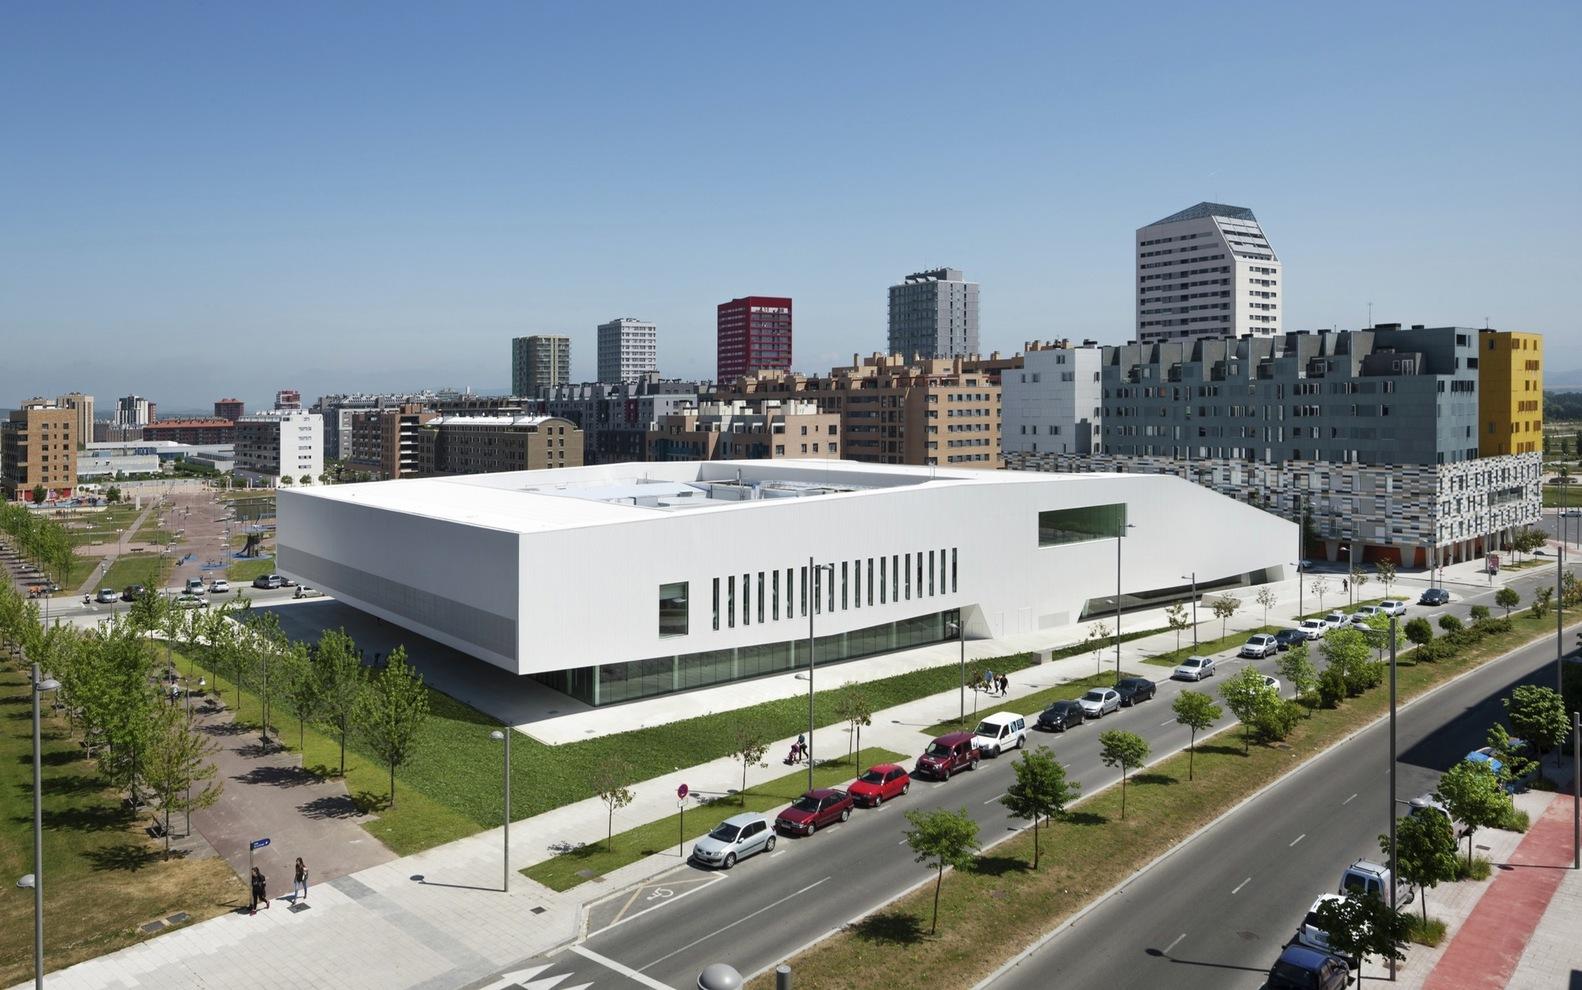 Prémio Centro Cívico: Salburua, Vitoria-Gasteiz (Espanha). IDOM